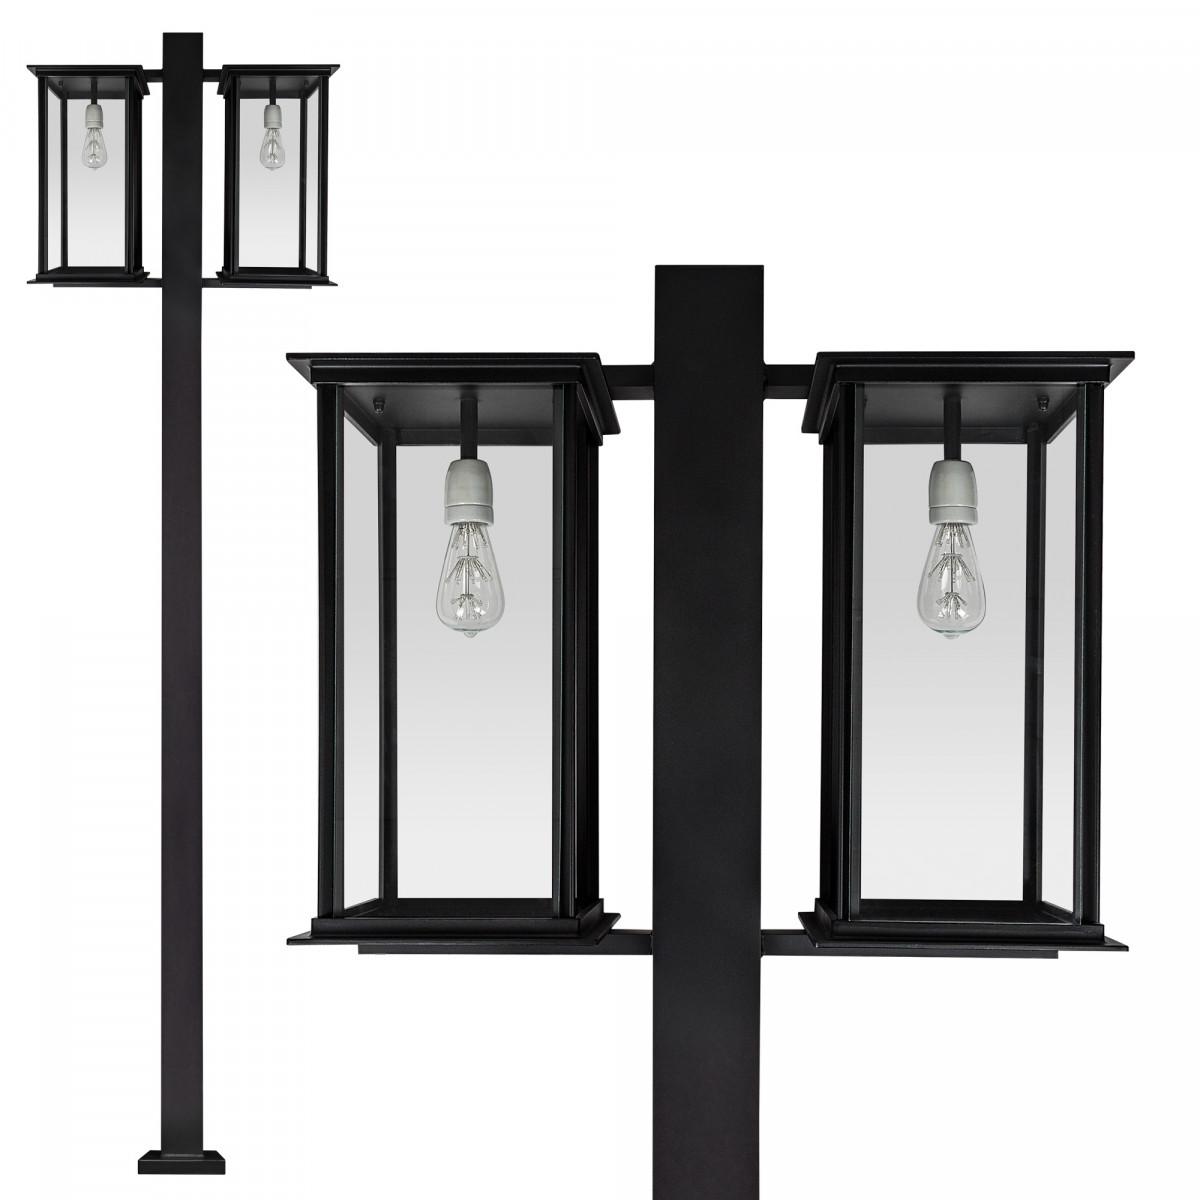 Exclusieve tuinlamp Capital lantaarn 2-lichts zwart